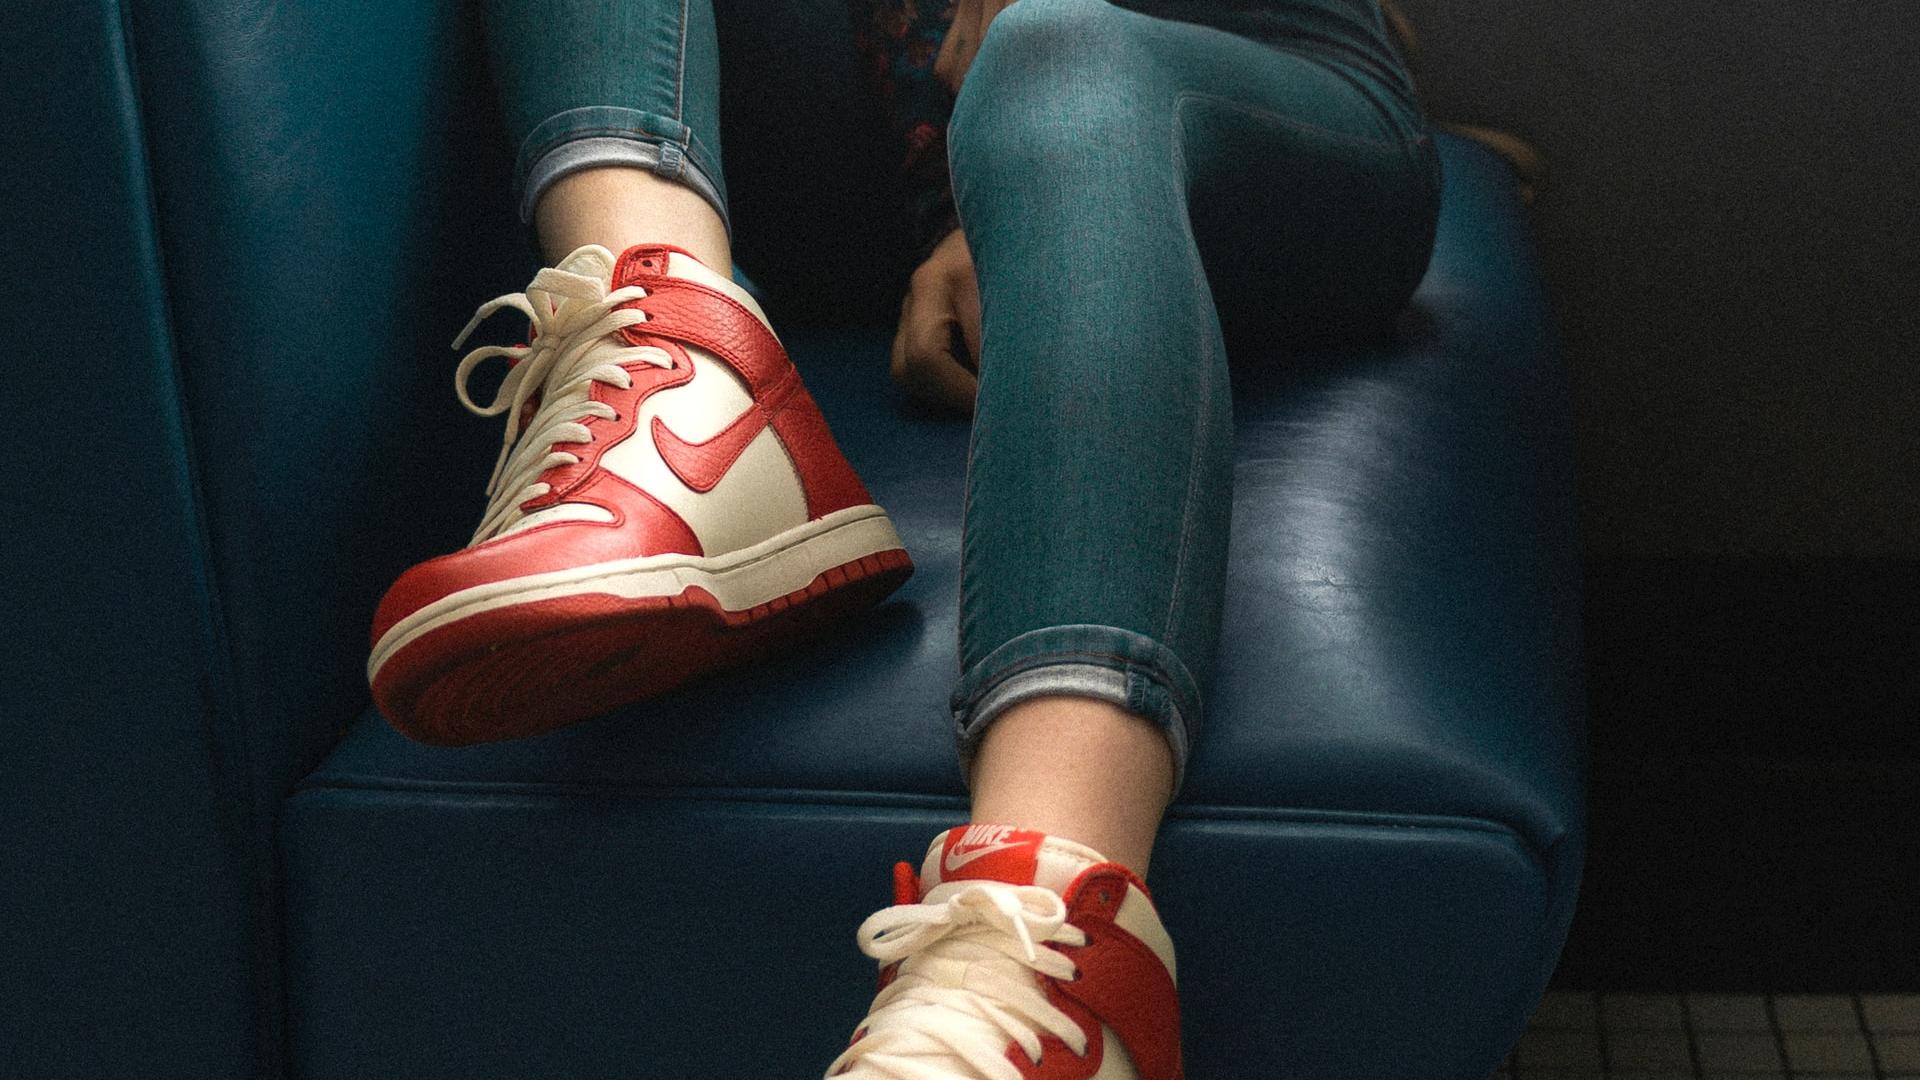 Zapatillas Nike mujer: ¿Cuáles son las mejores del 2021?